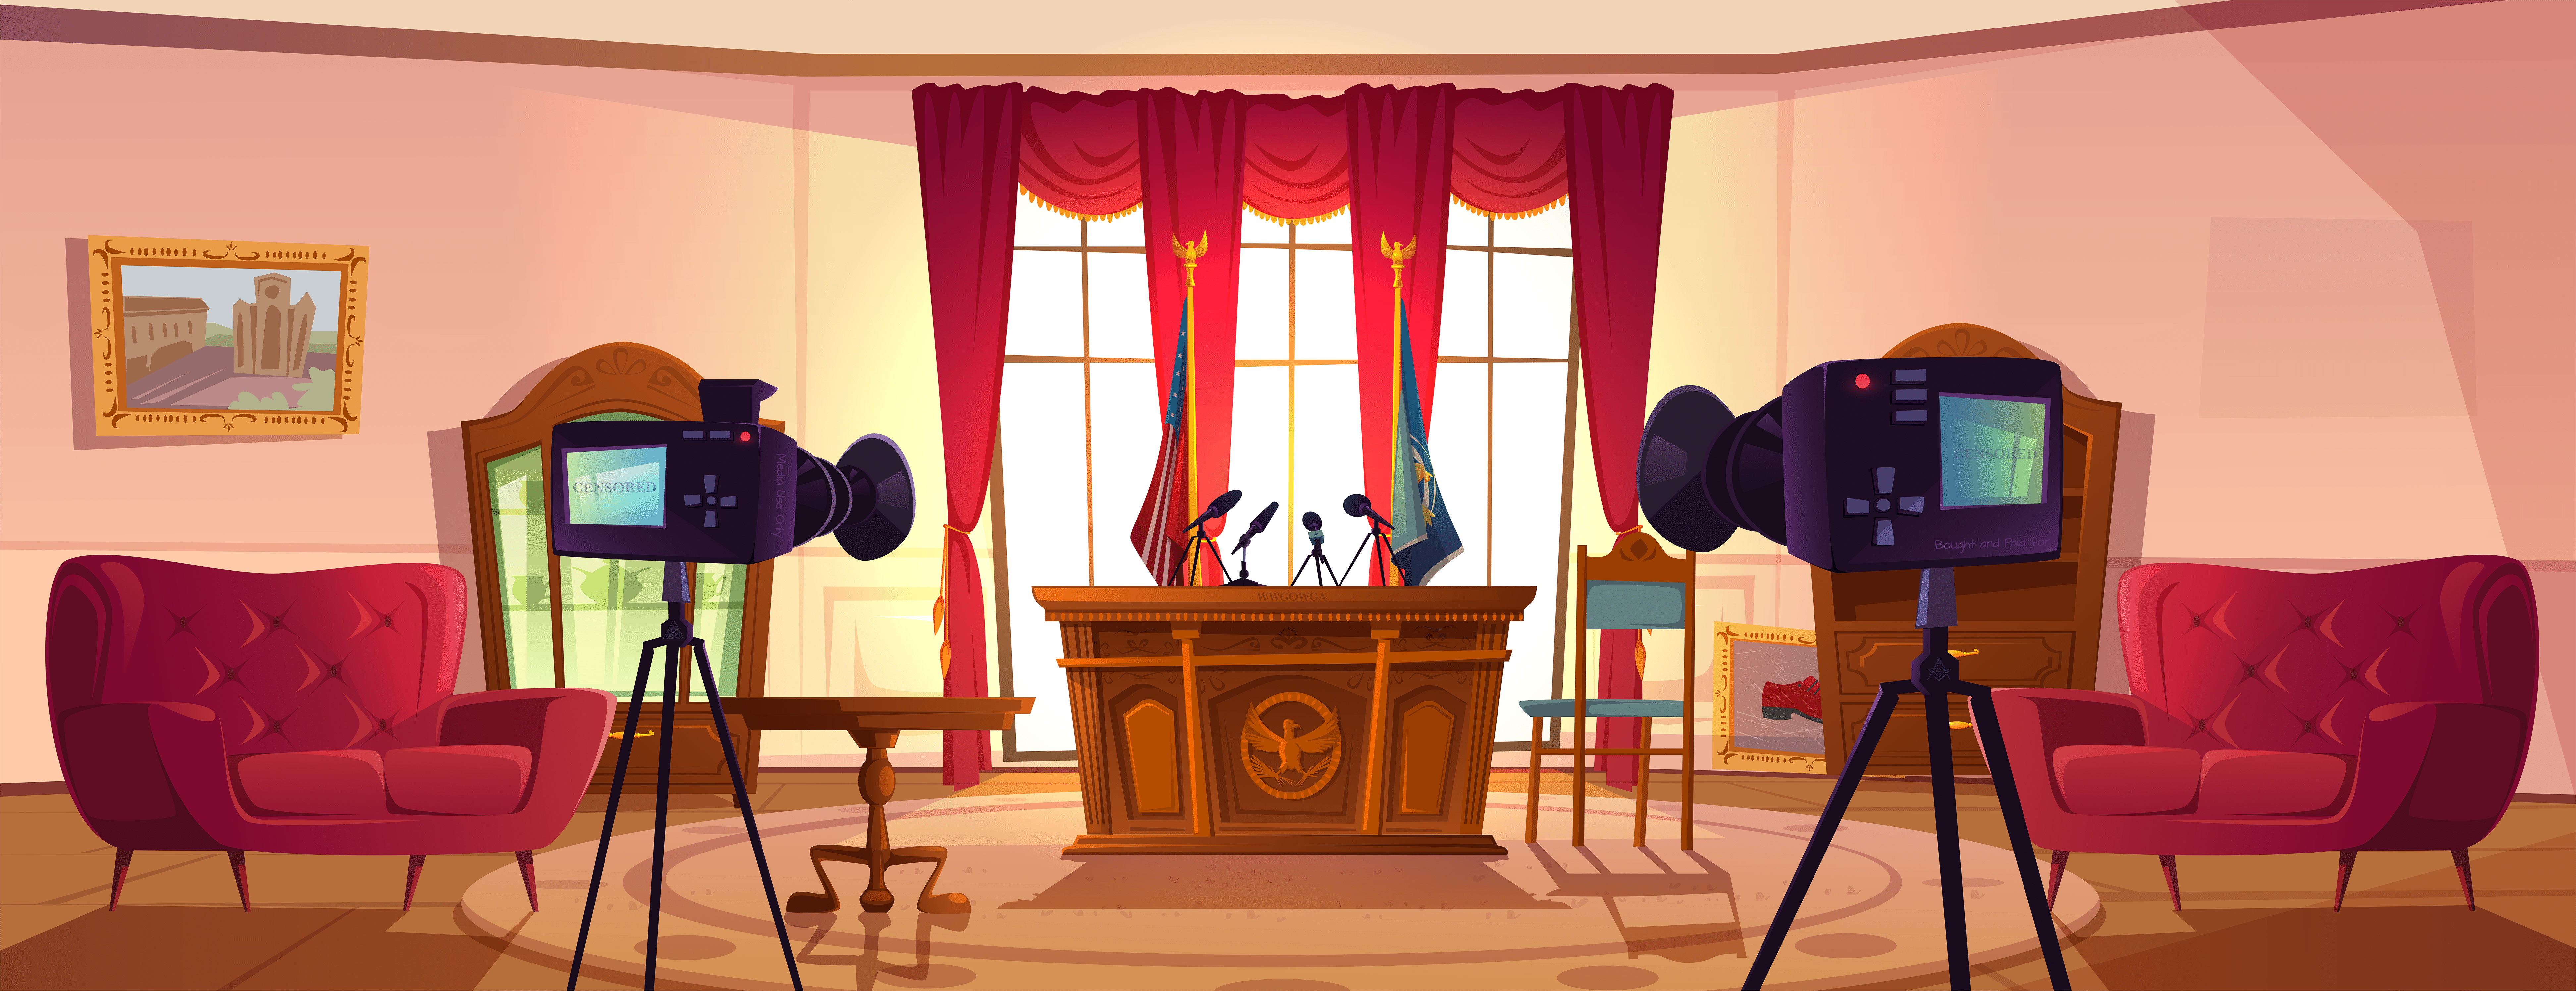 31president_banner